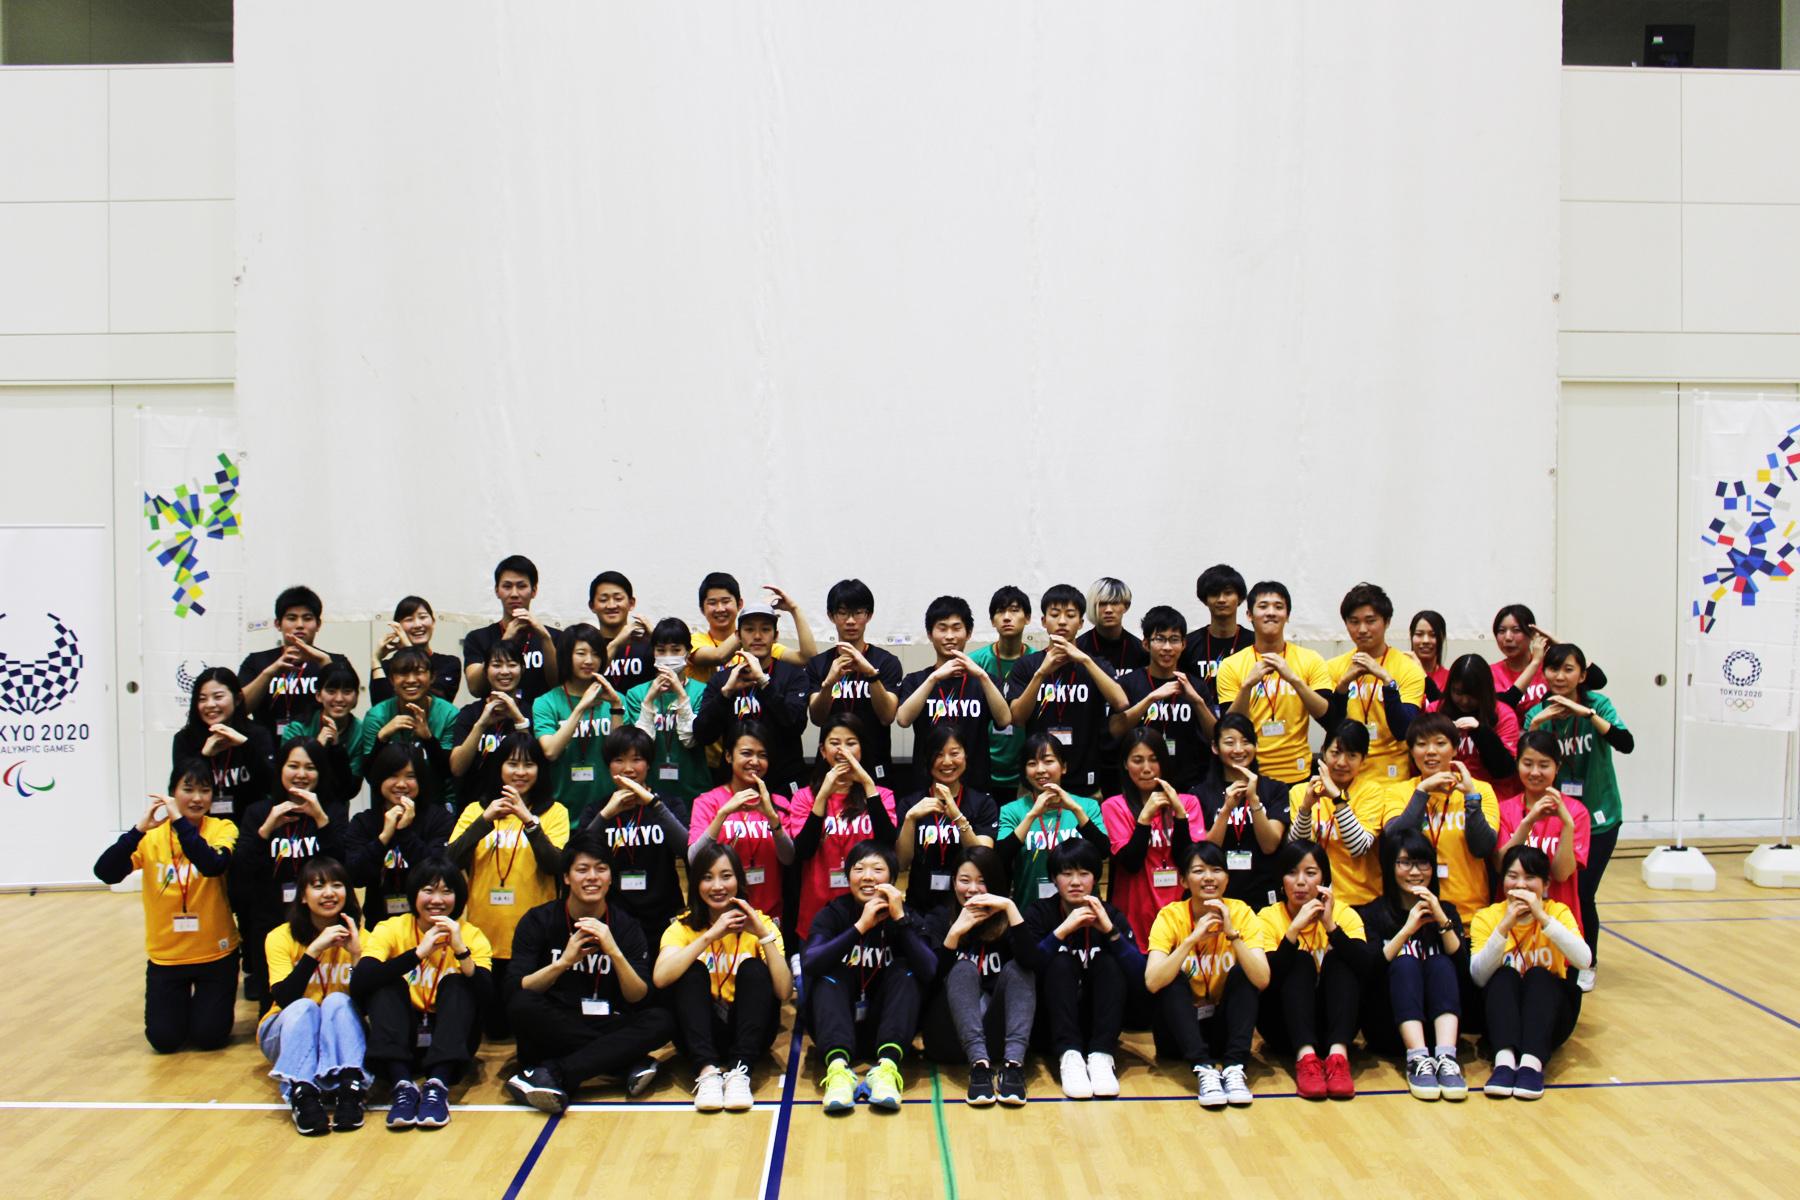 アシックス 東京2020参画プログラム 「学生が考える、東京2020大会に向けたボランティアウエア」 ワークショップを開催しました! asics